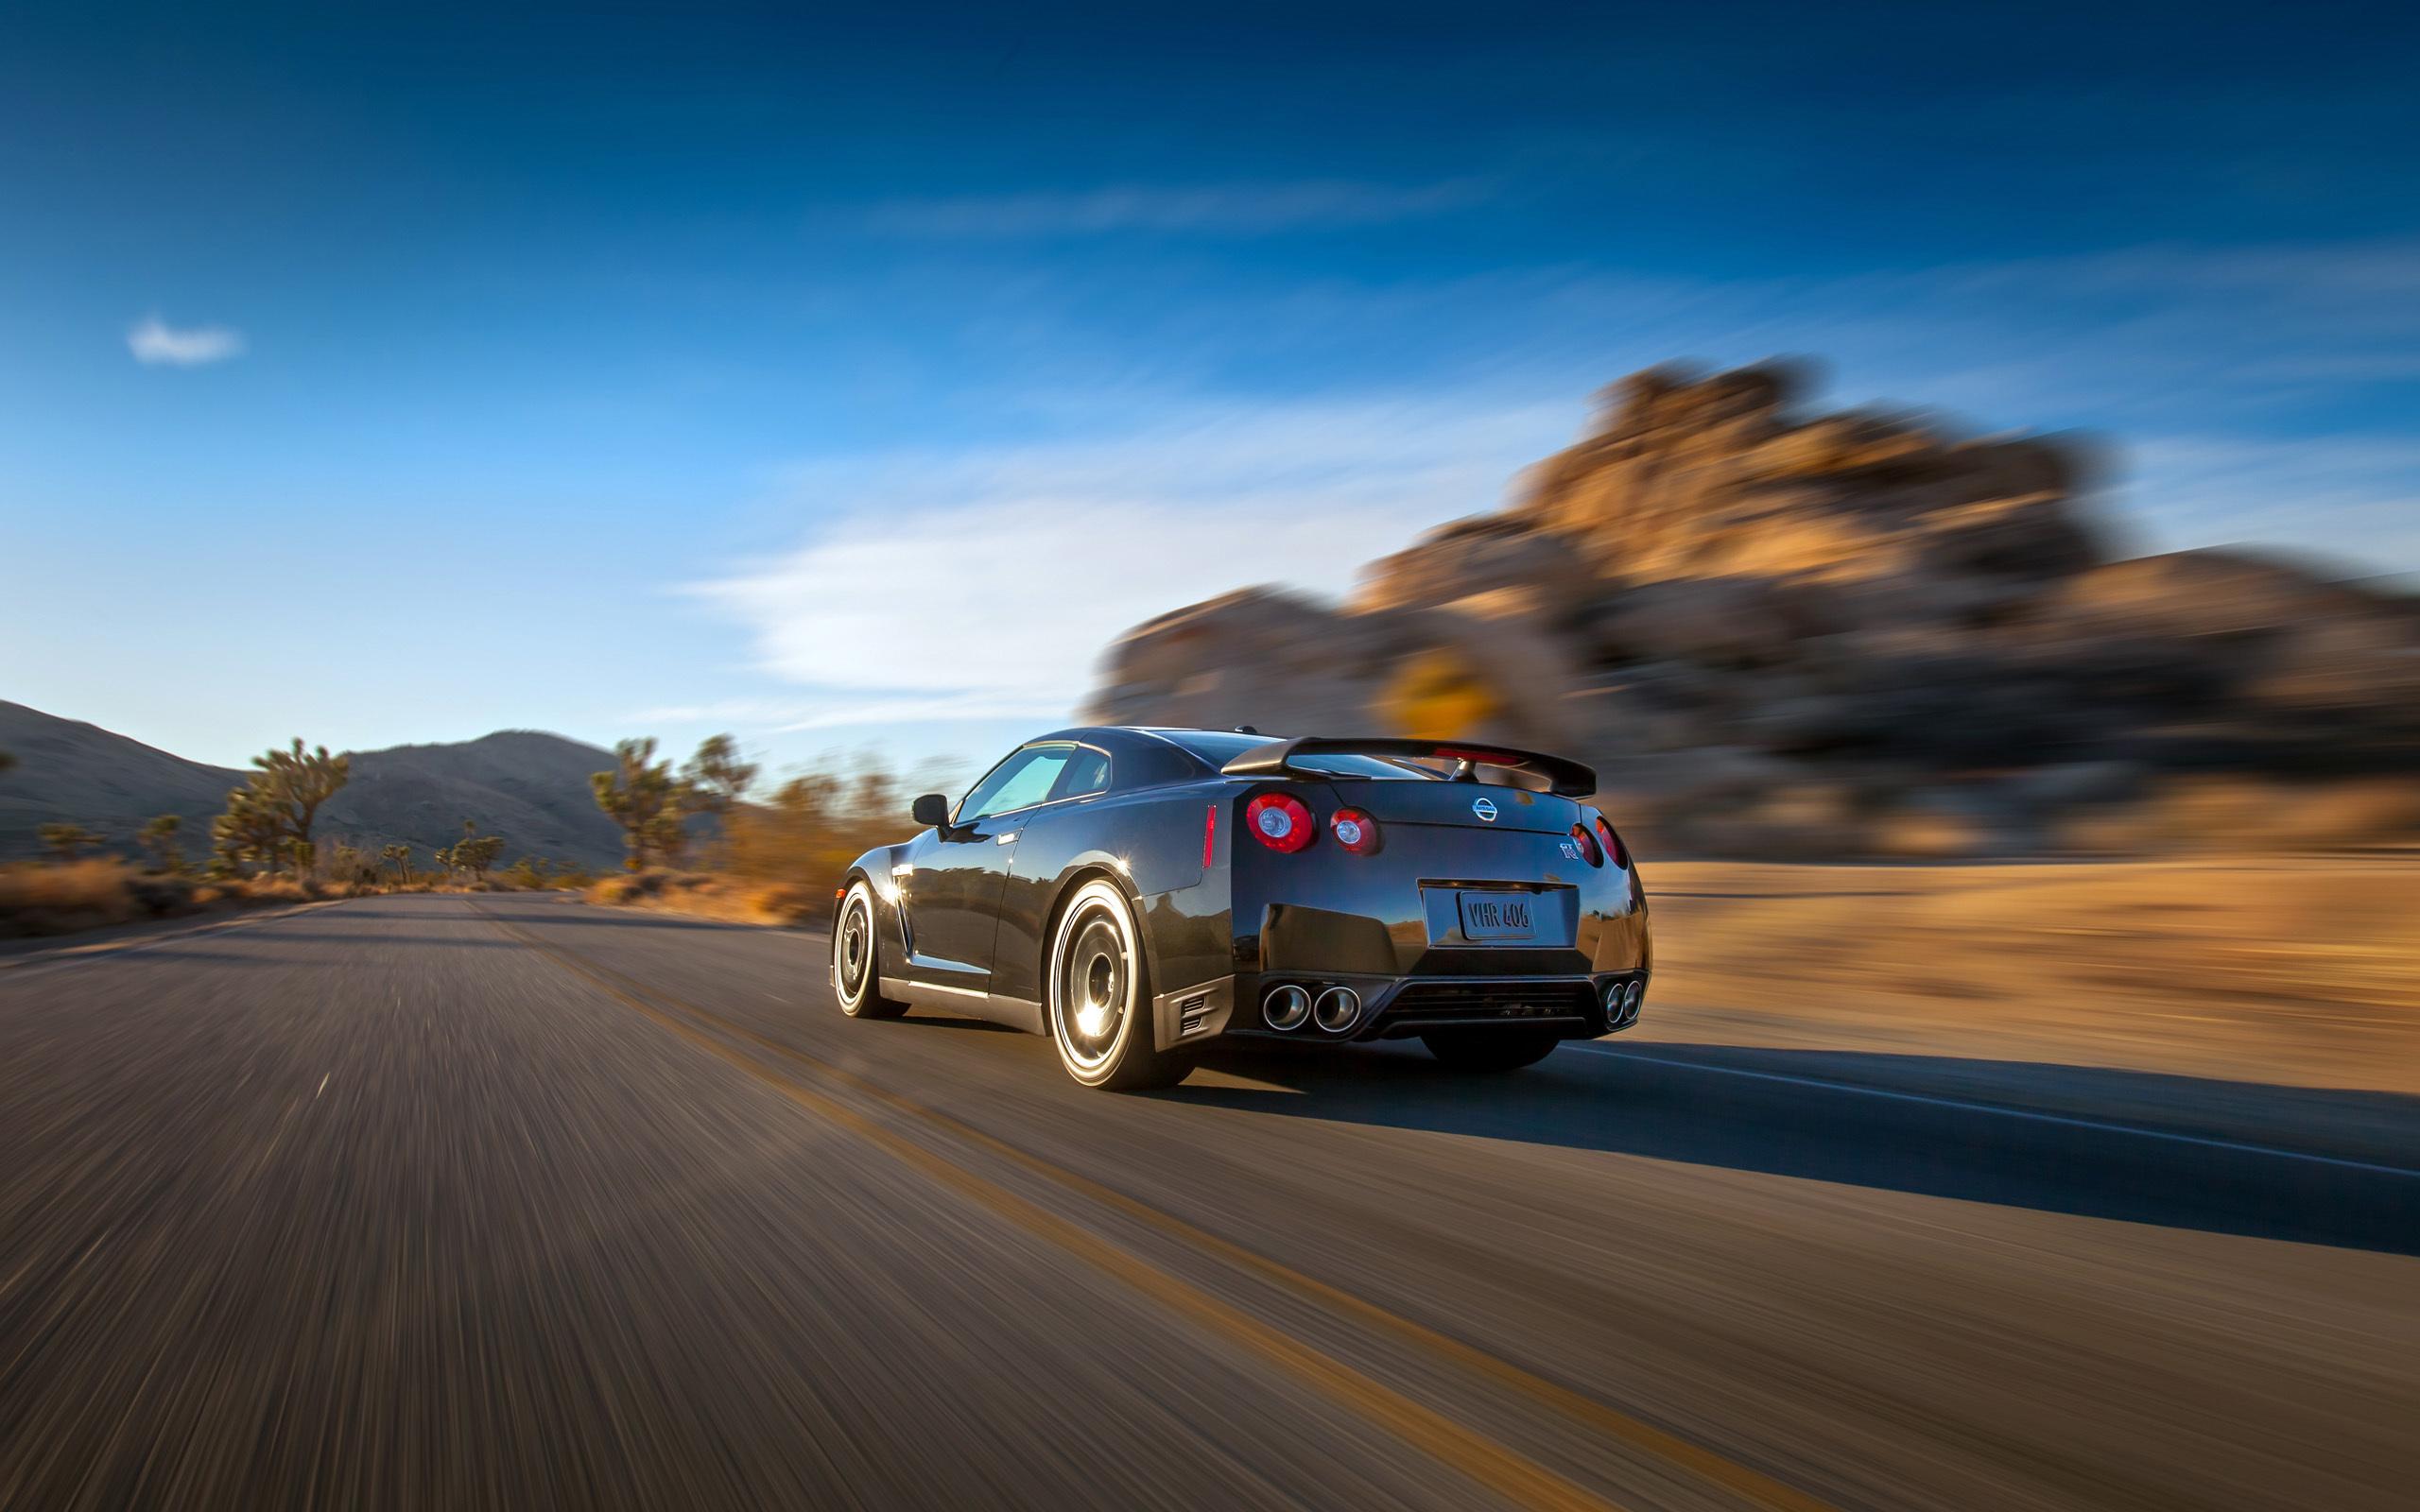 20765 скачать обои Пейзаж, Машины, Дороги, Ниссан (Nissan) - заставки и картинки бесплатно